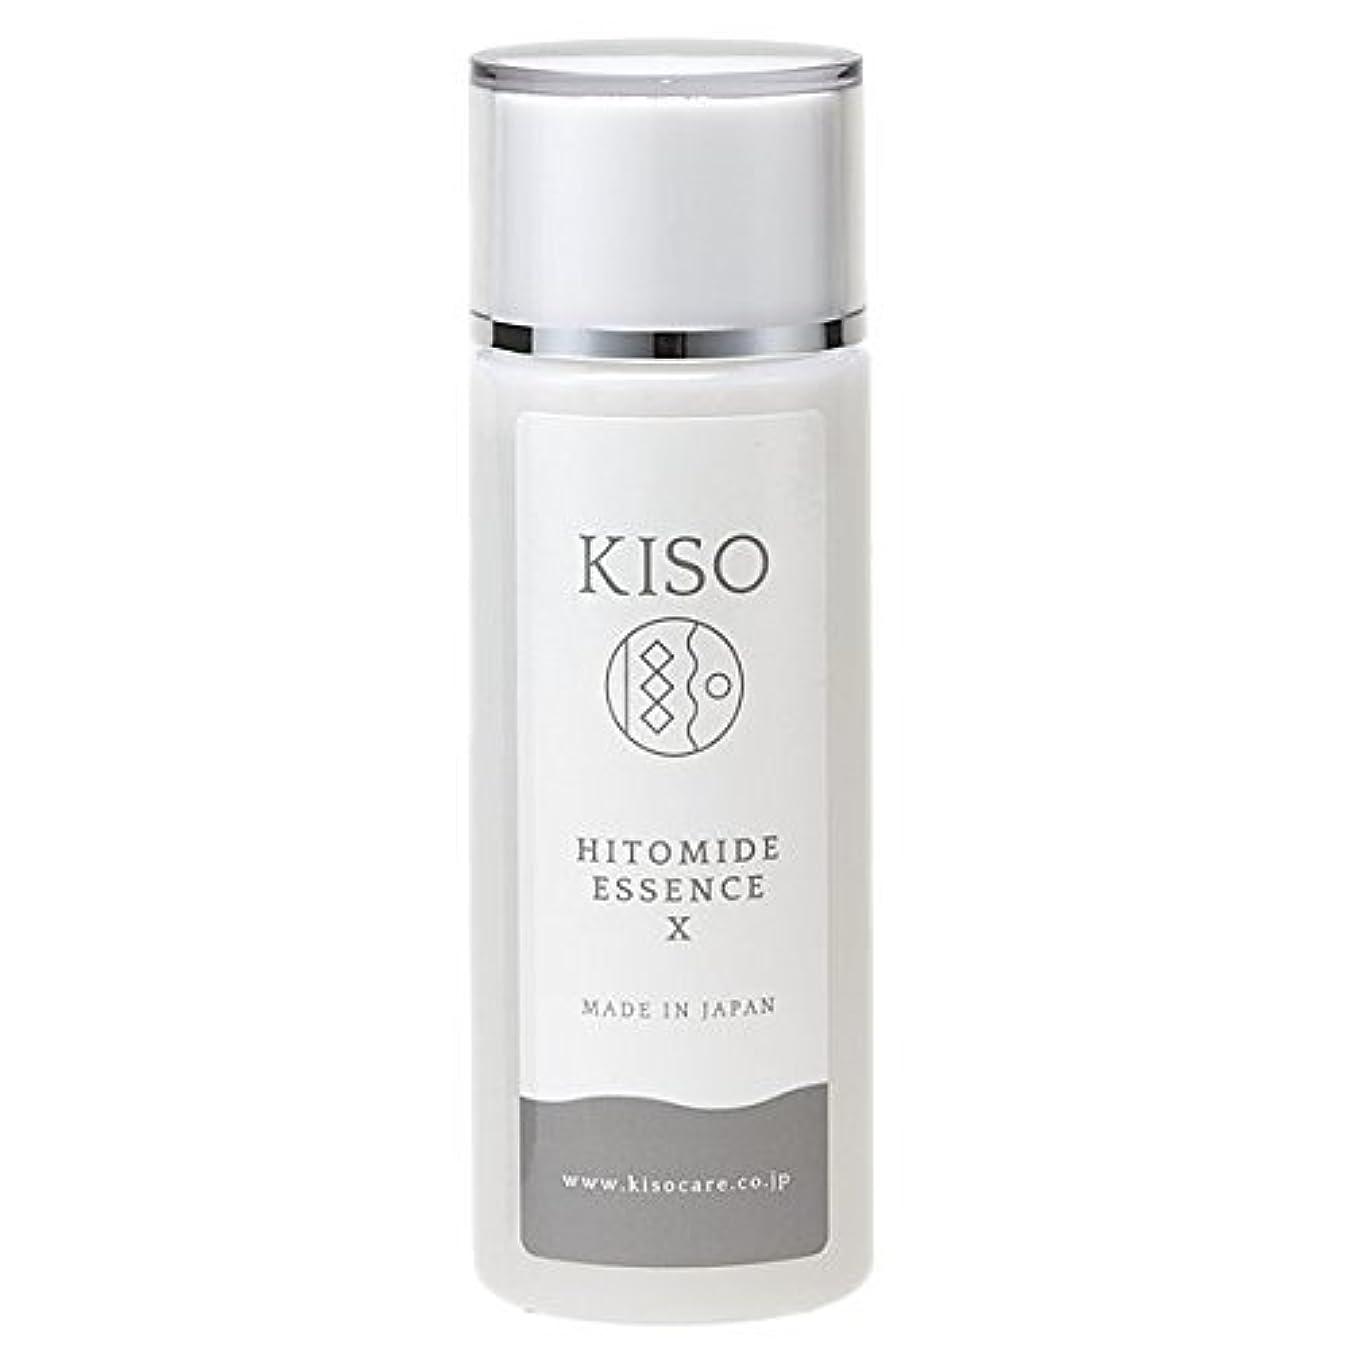 アンソロジーきつく急行するKISO ヒト型セラミド原液 10%配合 【ヒトミドエッセンスX 120ml】 保湿力アップ 肌荒れを防ぎキメを整えたい時に